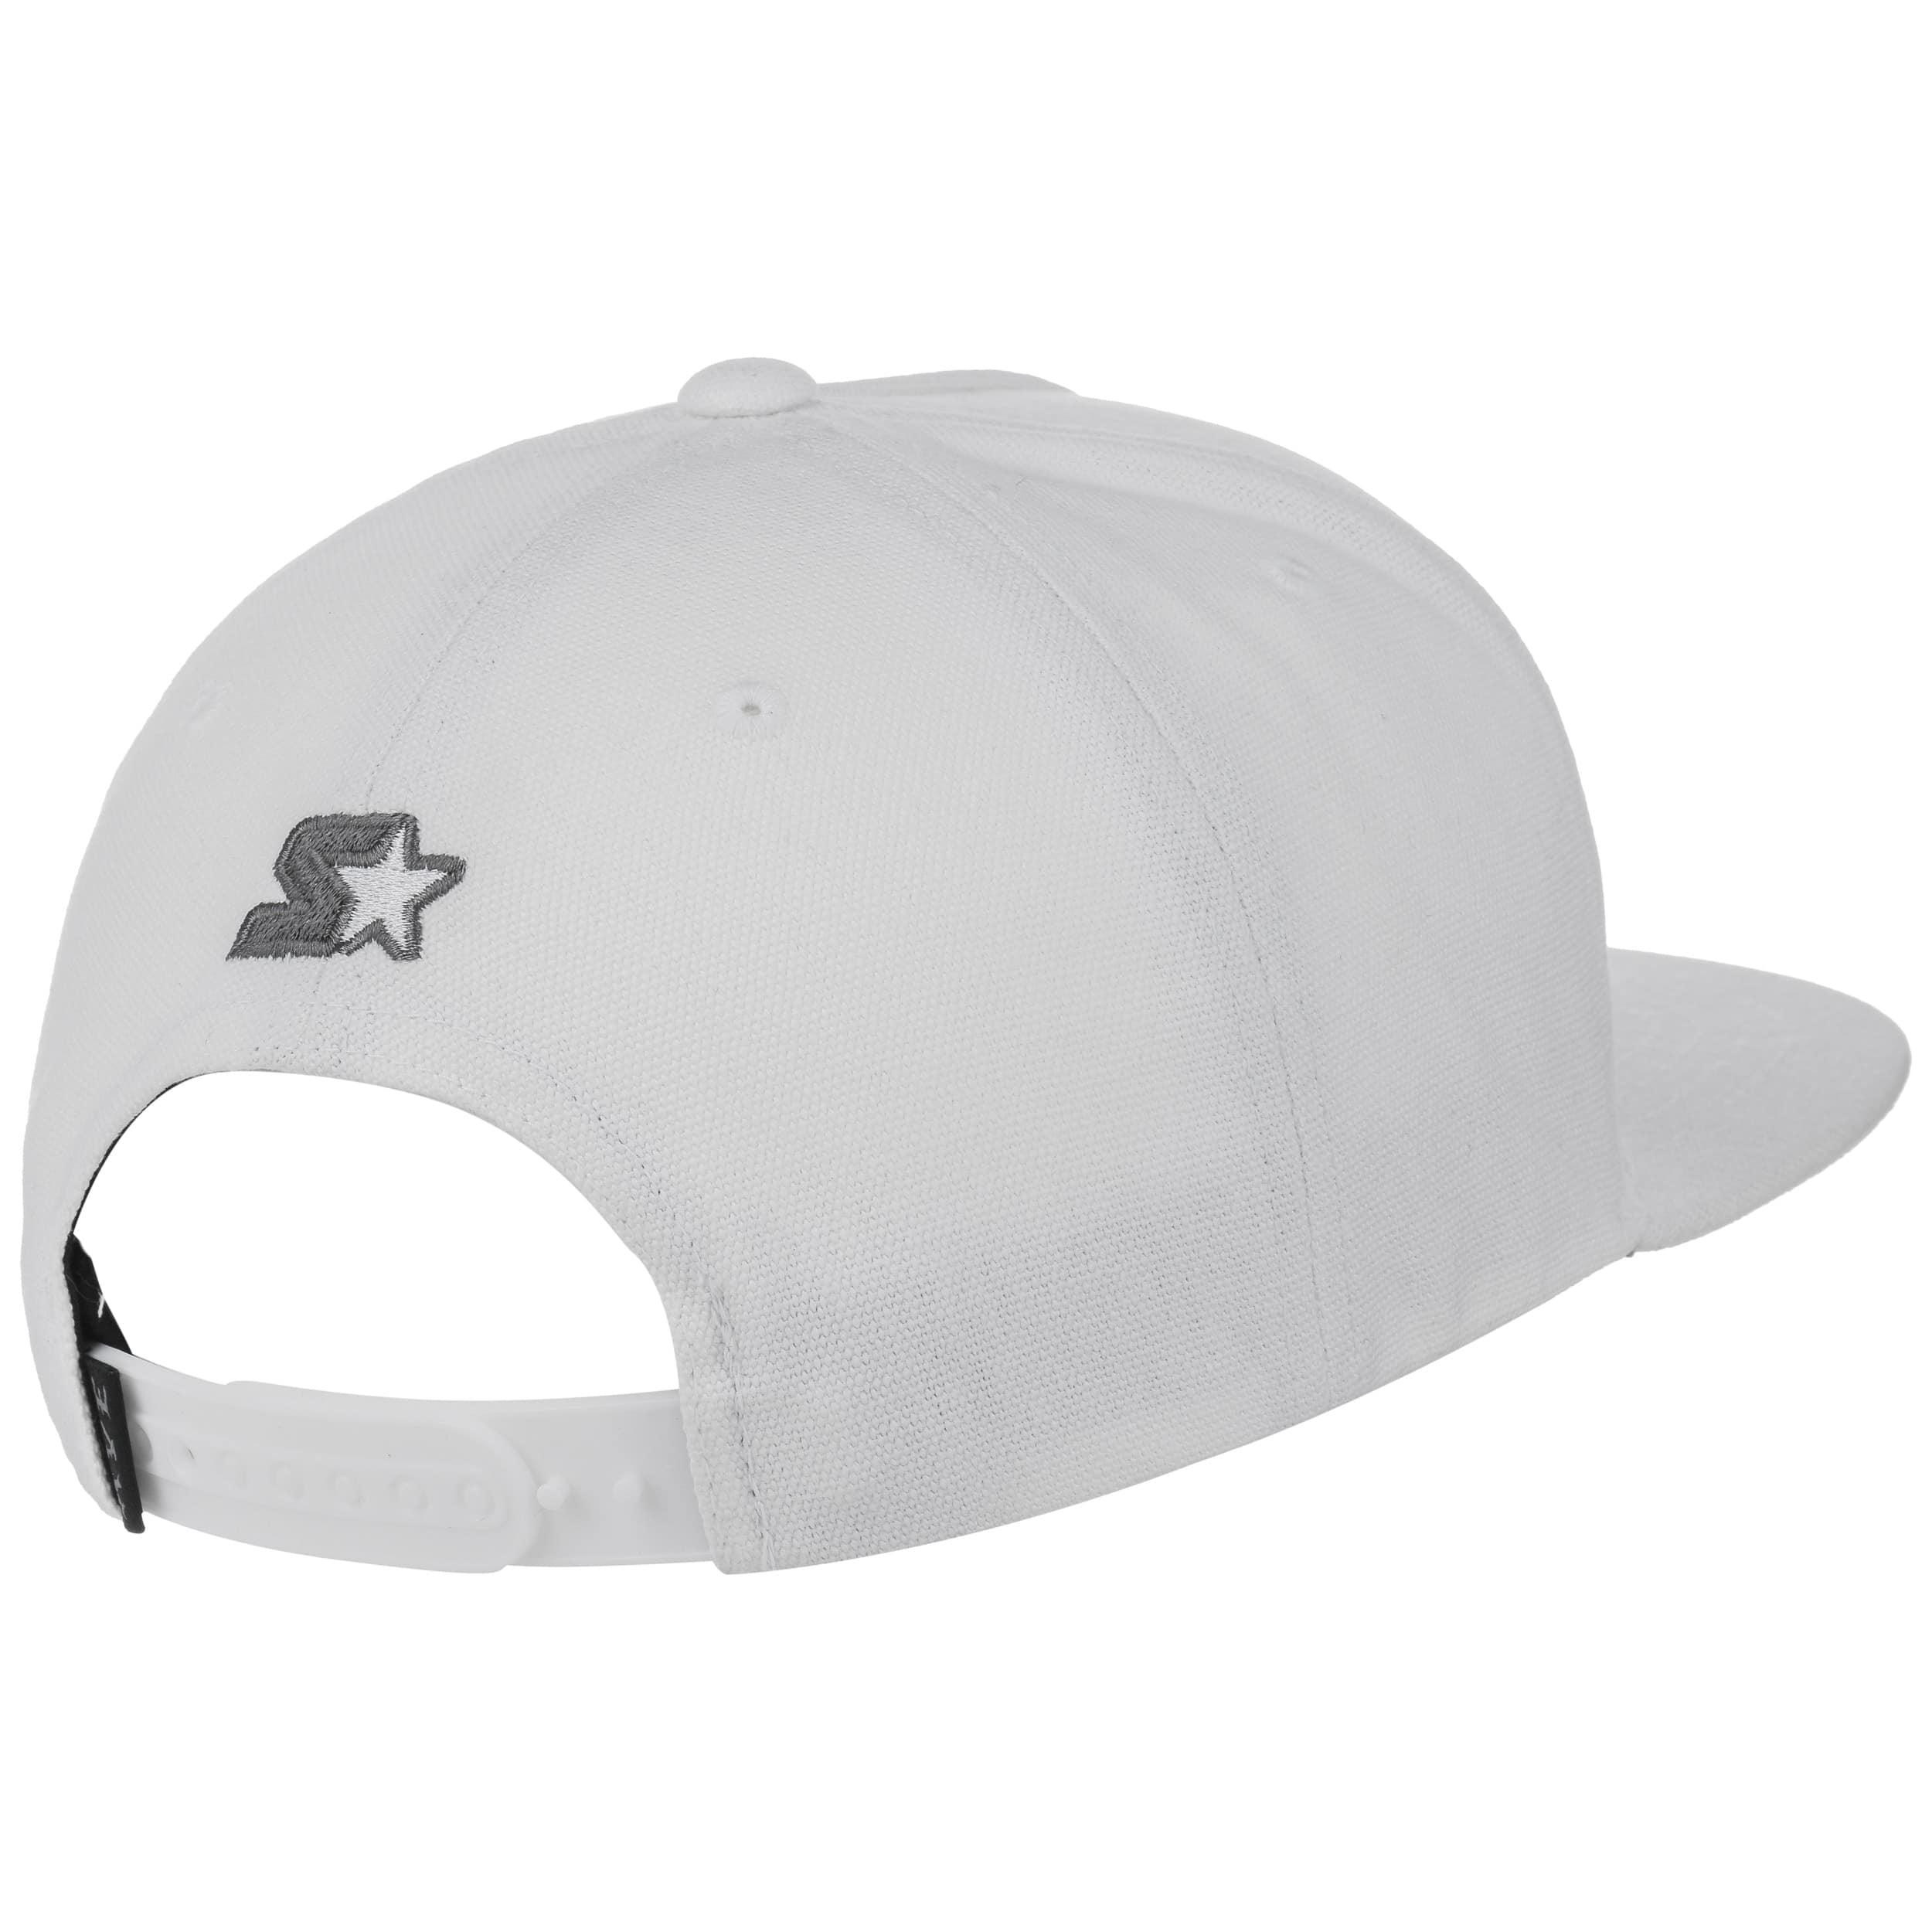 ... AV Starter Snapback Cap by Vans - white 3 ... eed161ed148